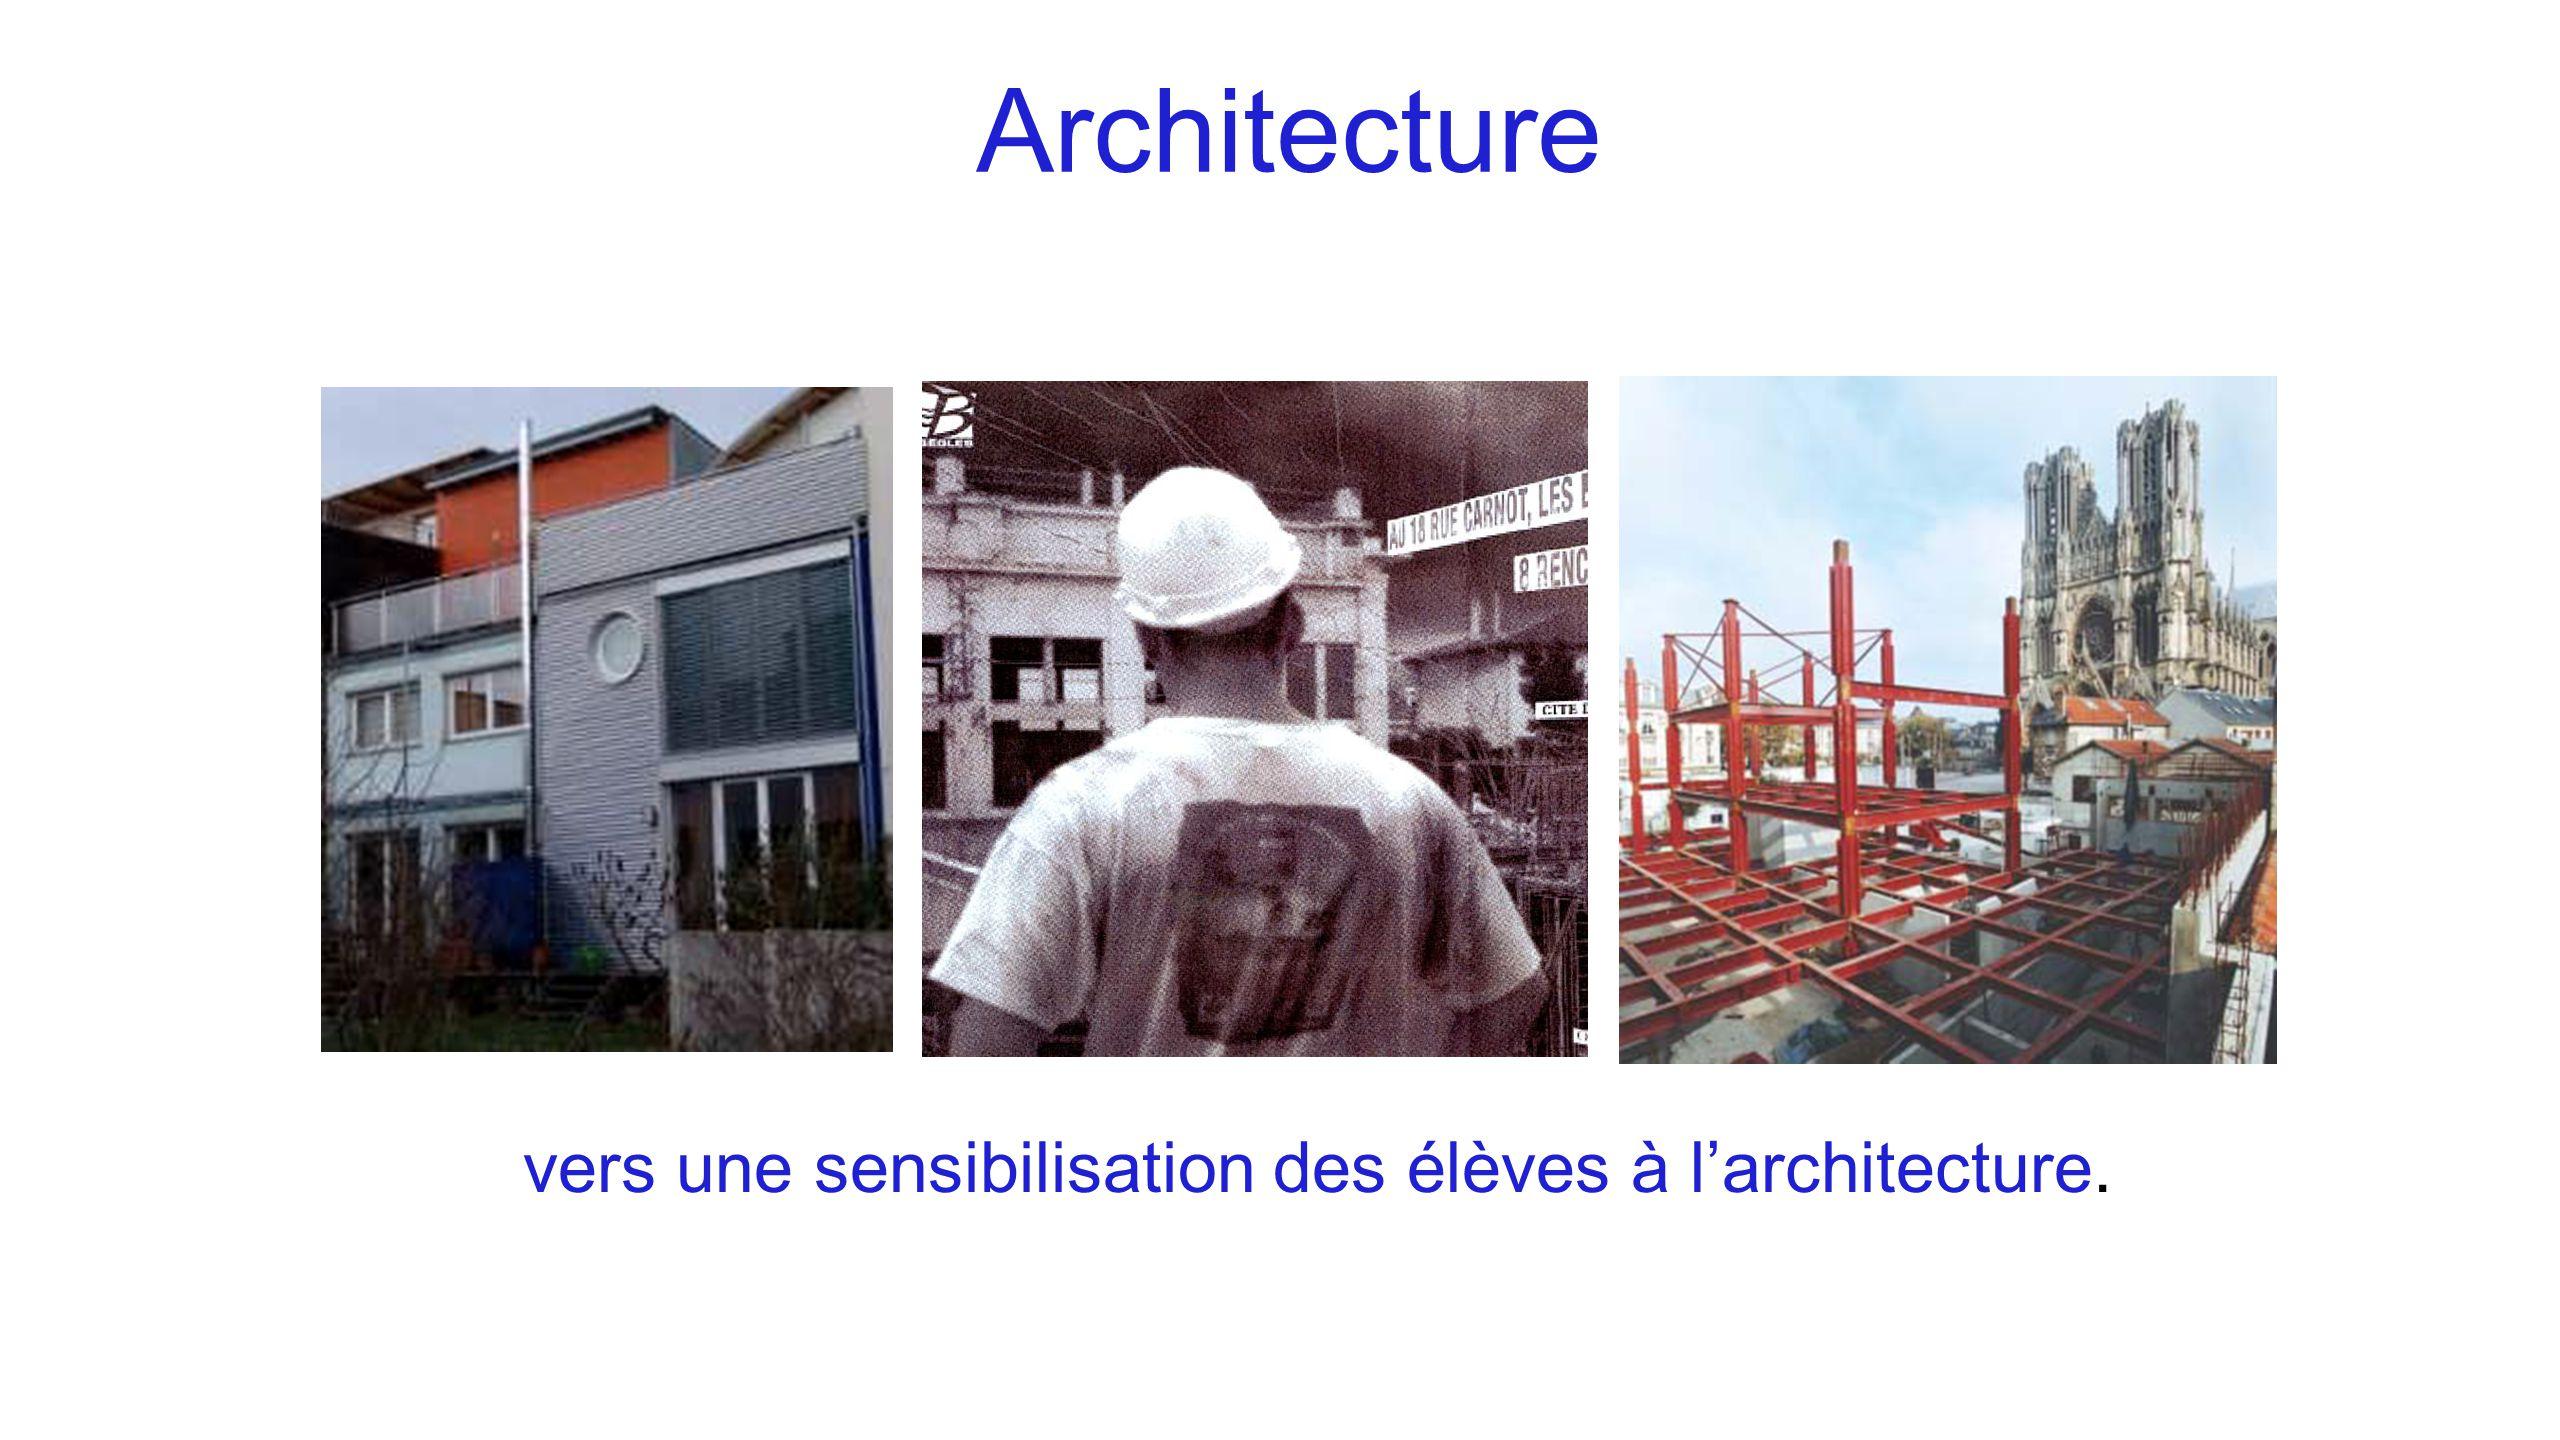 Architecture vers une sensibilisation des élèves à l'architecture.